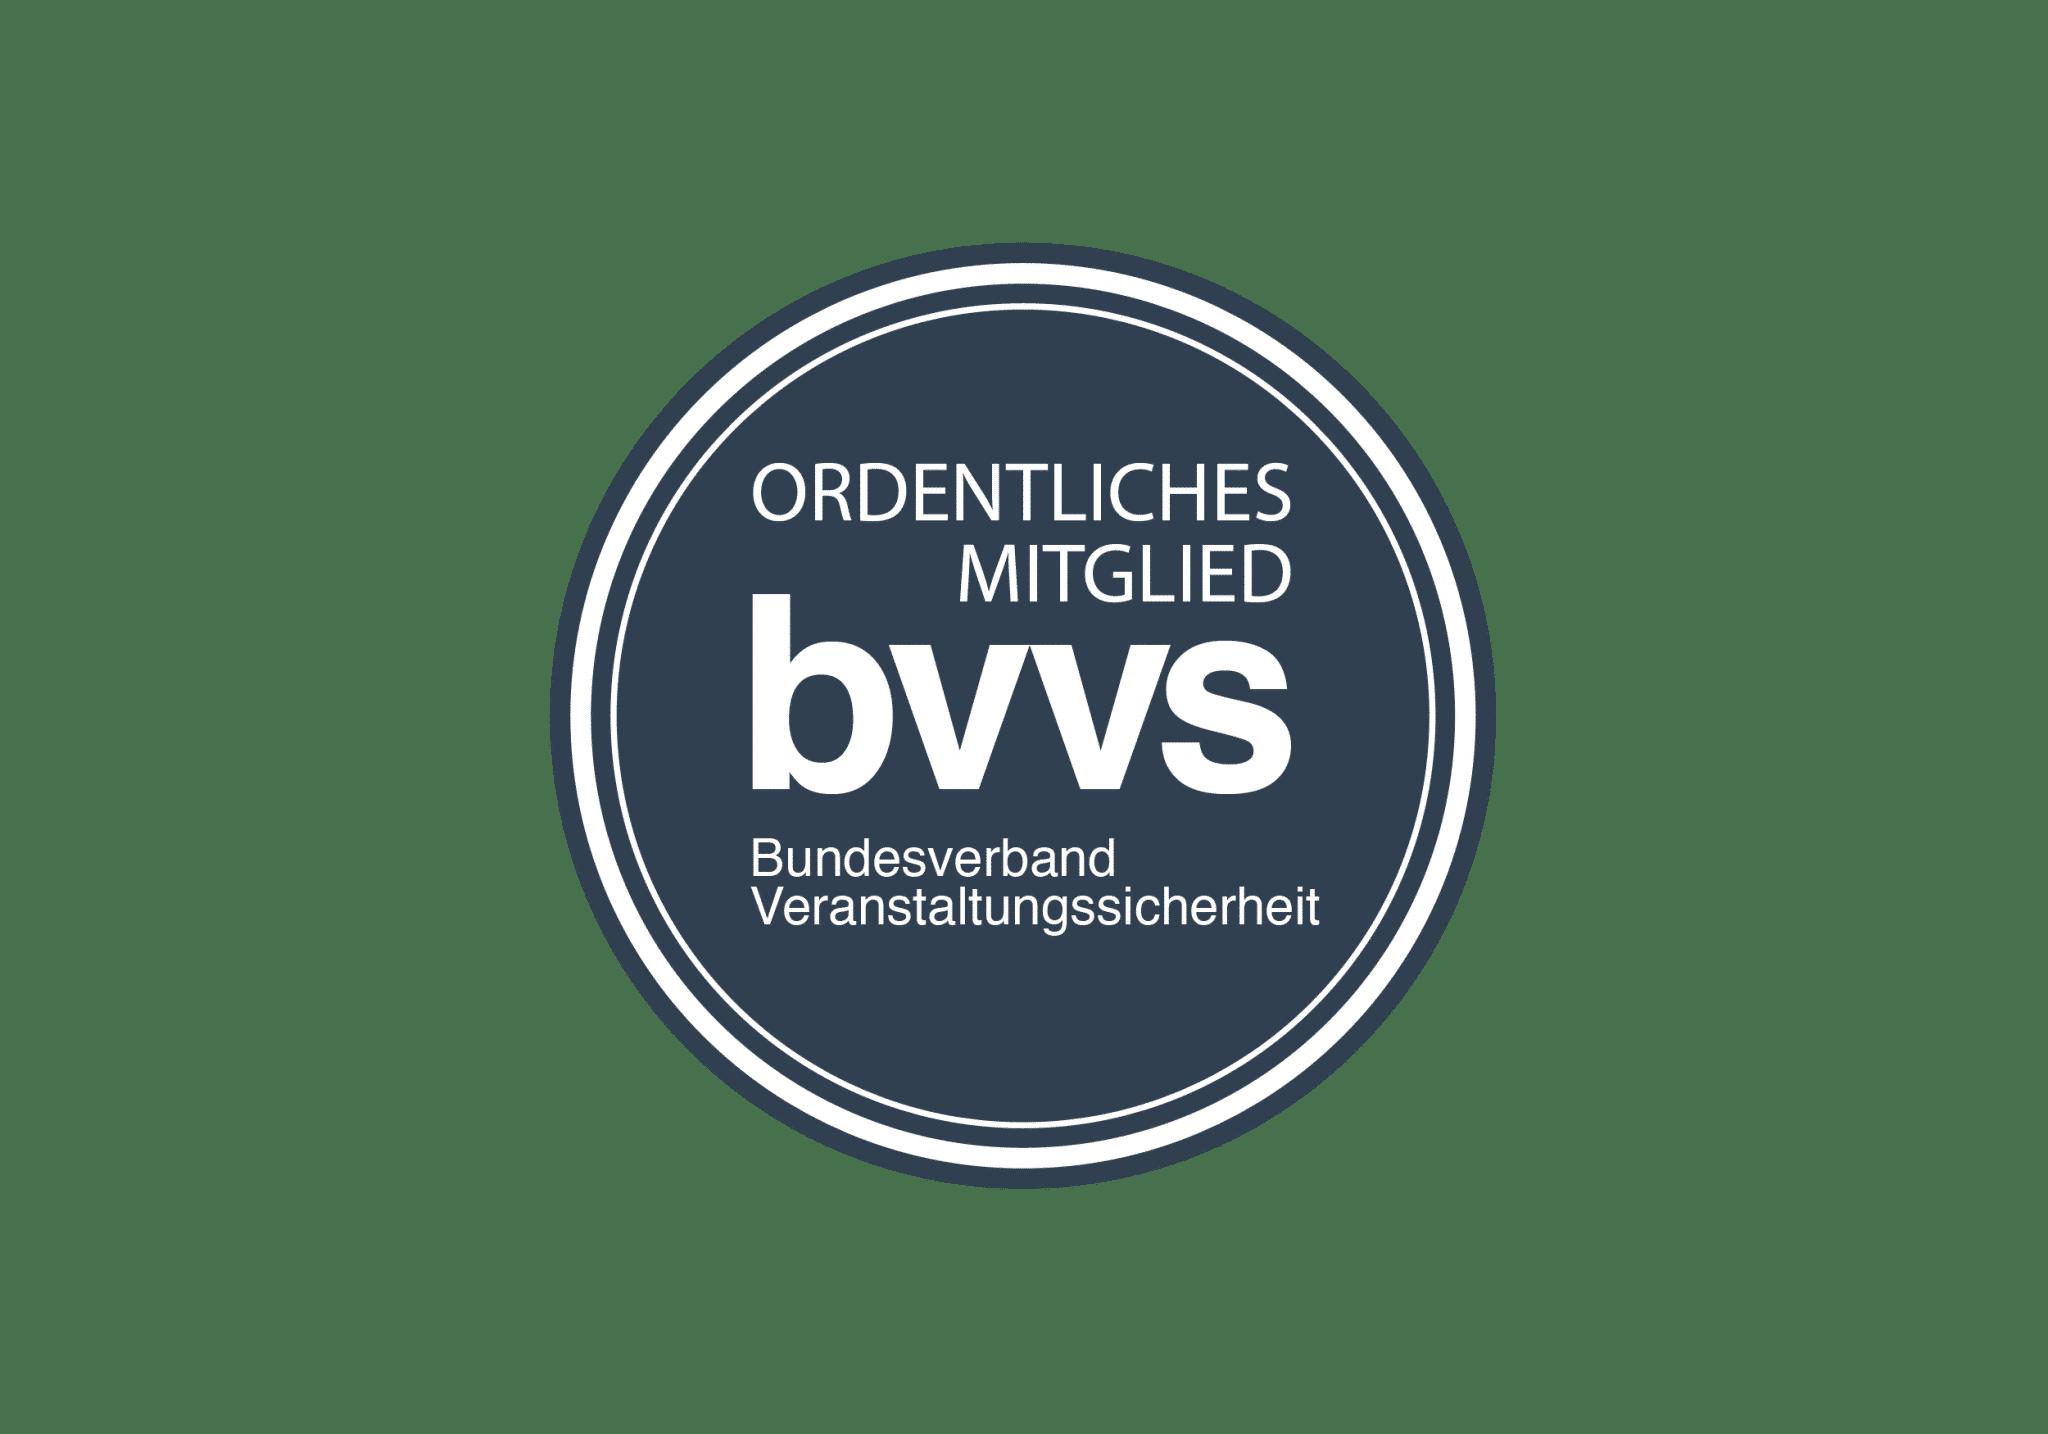 BVVS Berufsverband Veranstaltungssicherheit